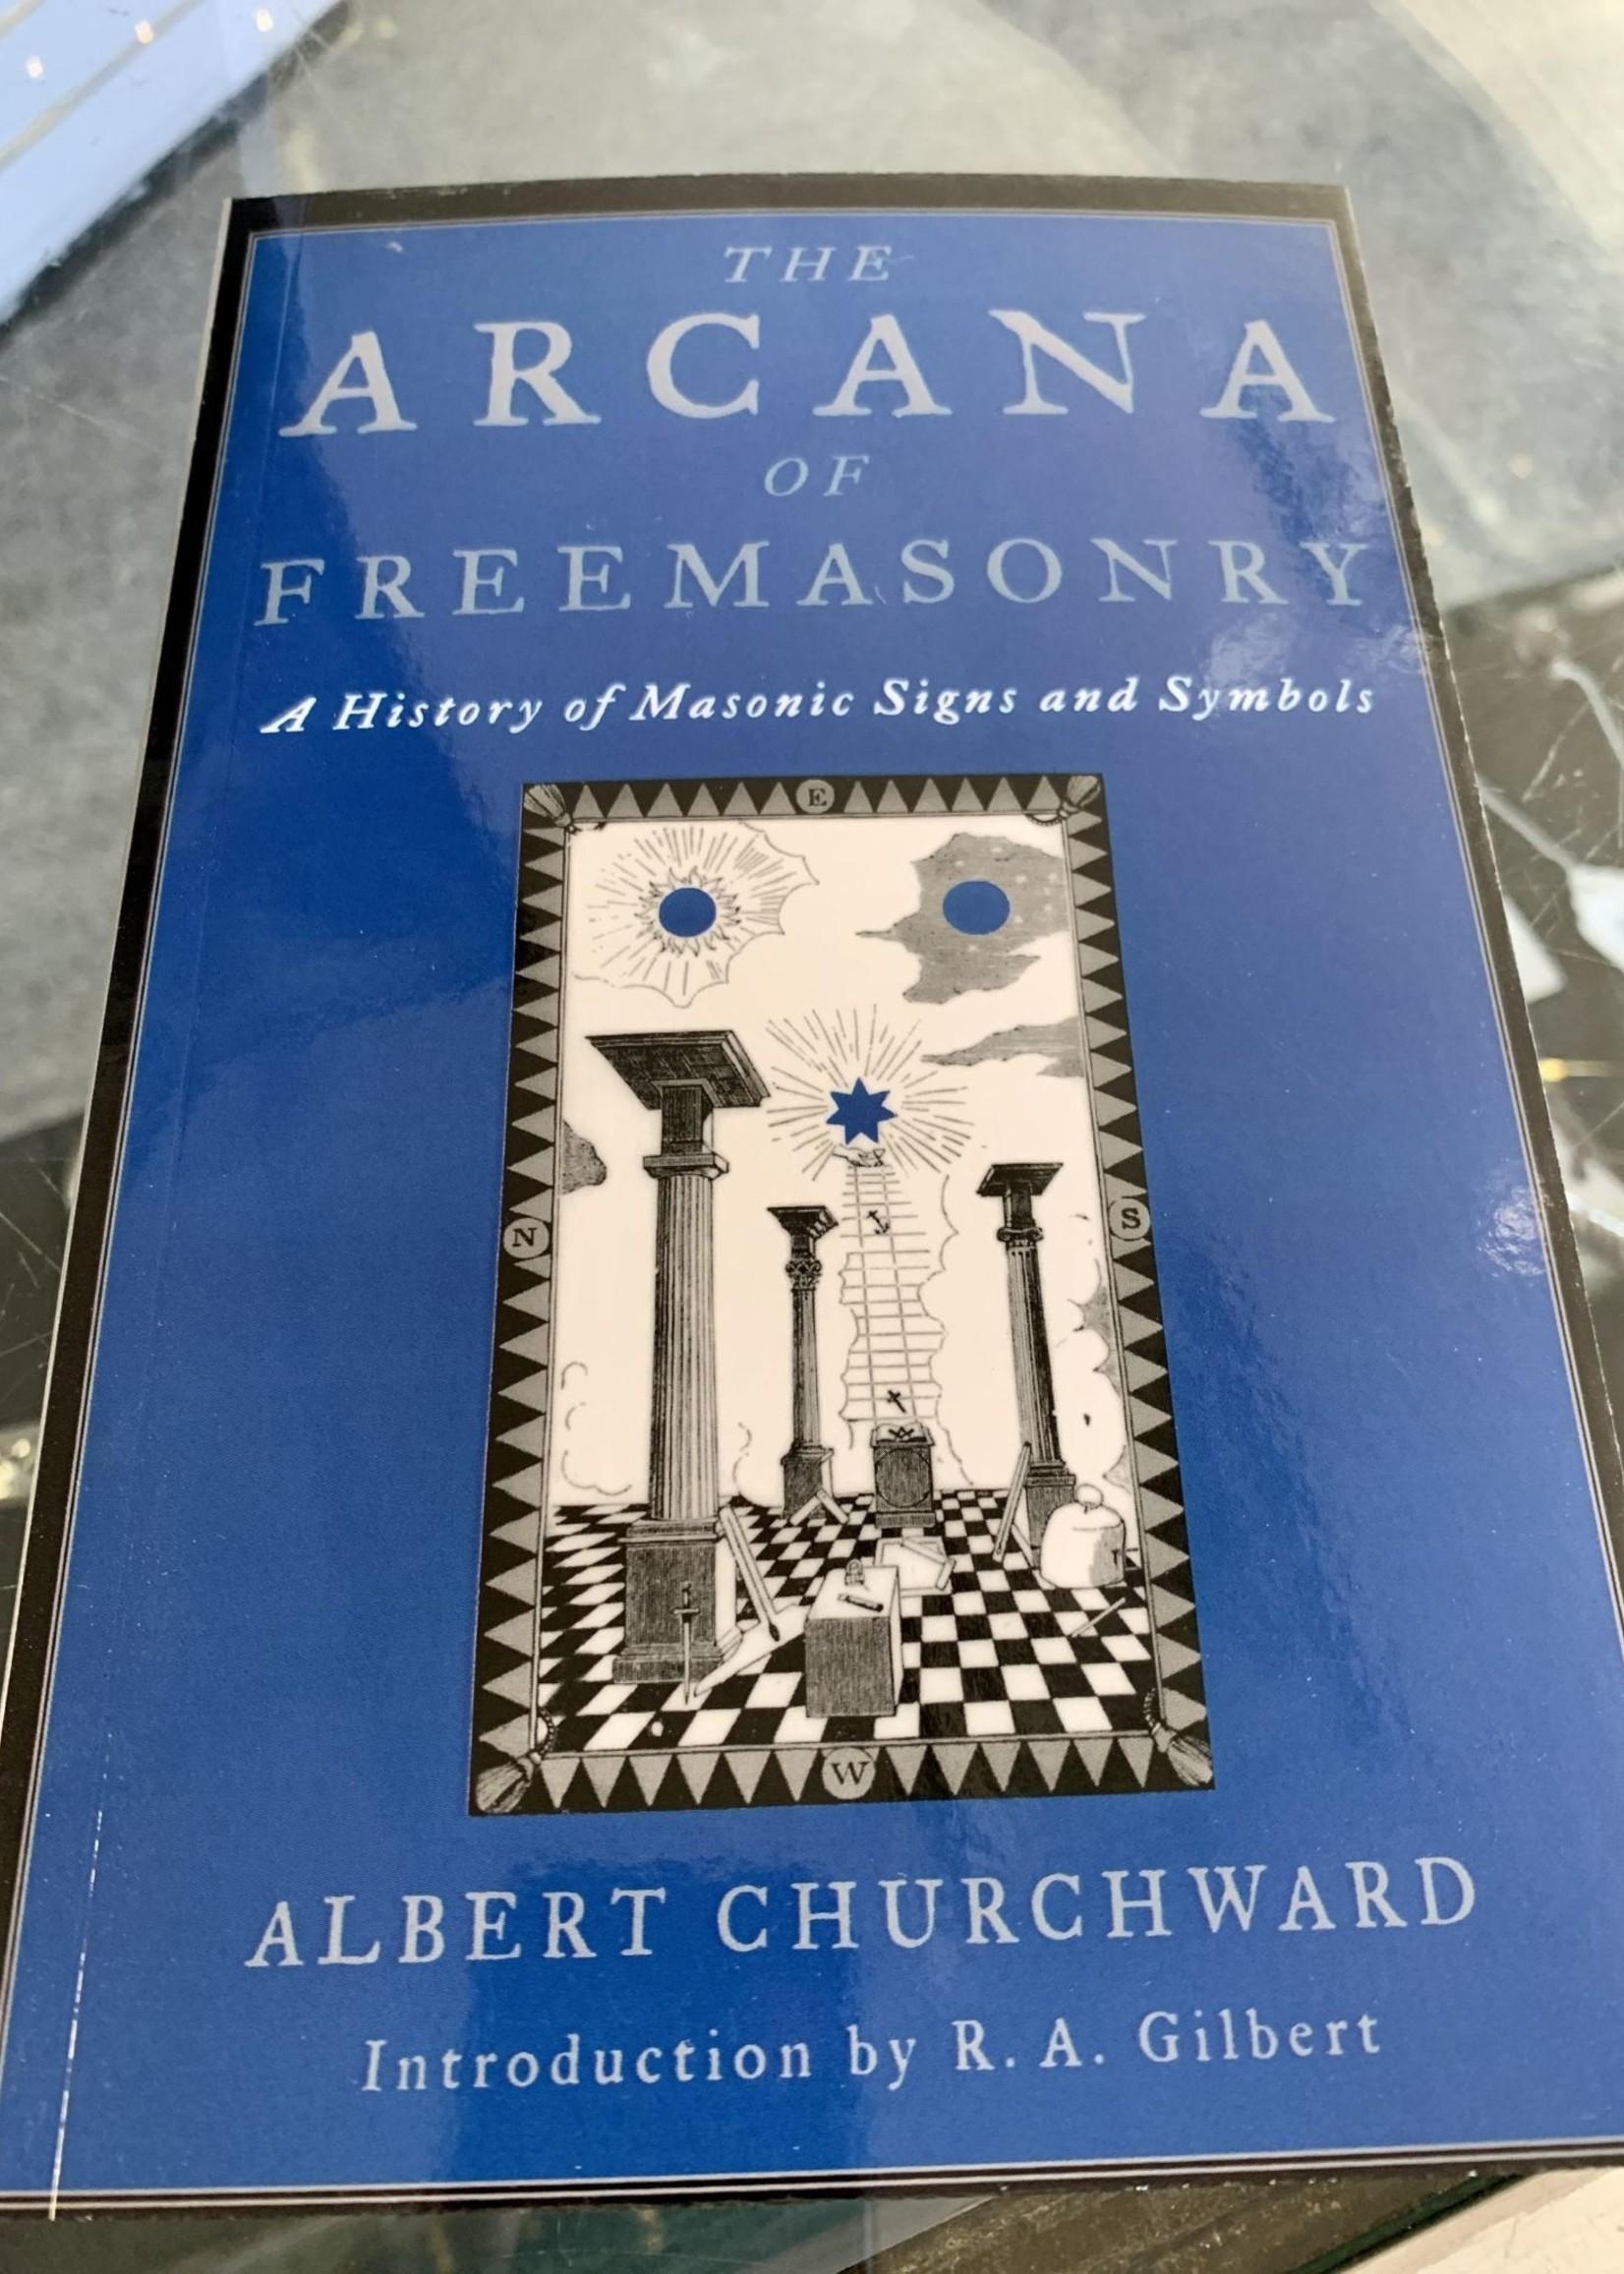 The Arcana of Freemasonry A History of Masonic Signs and Symbols